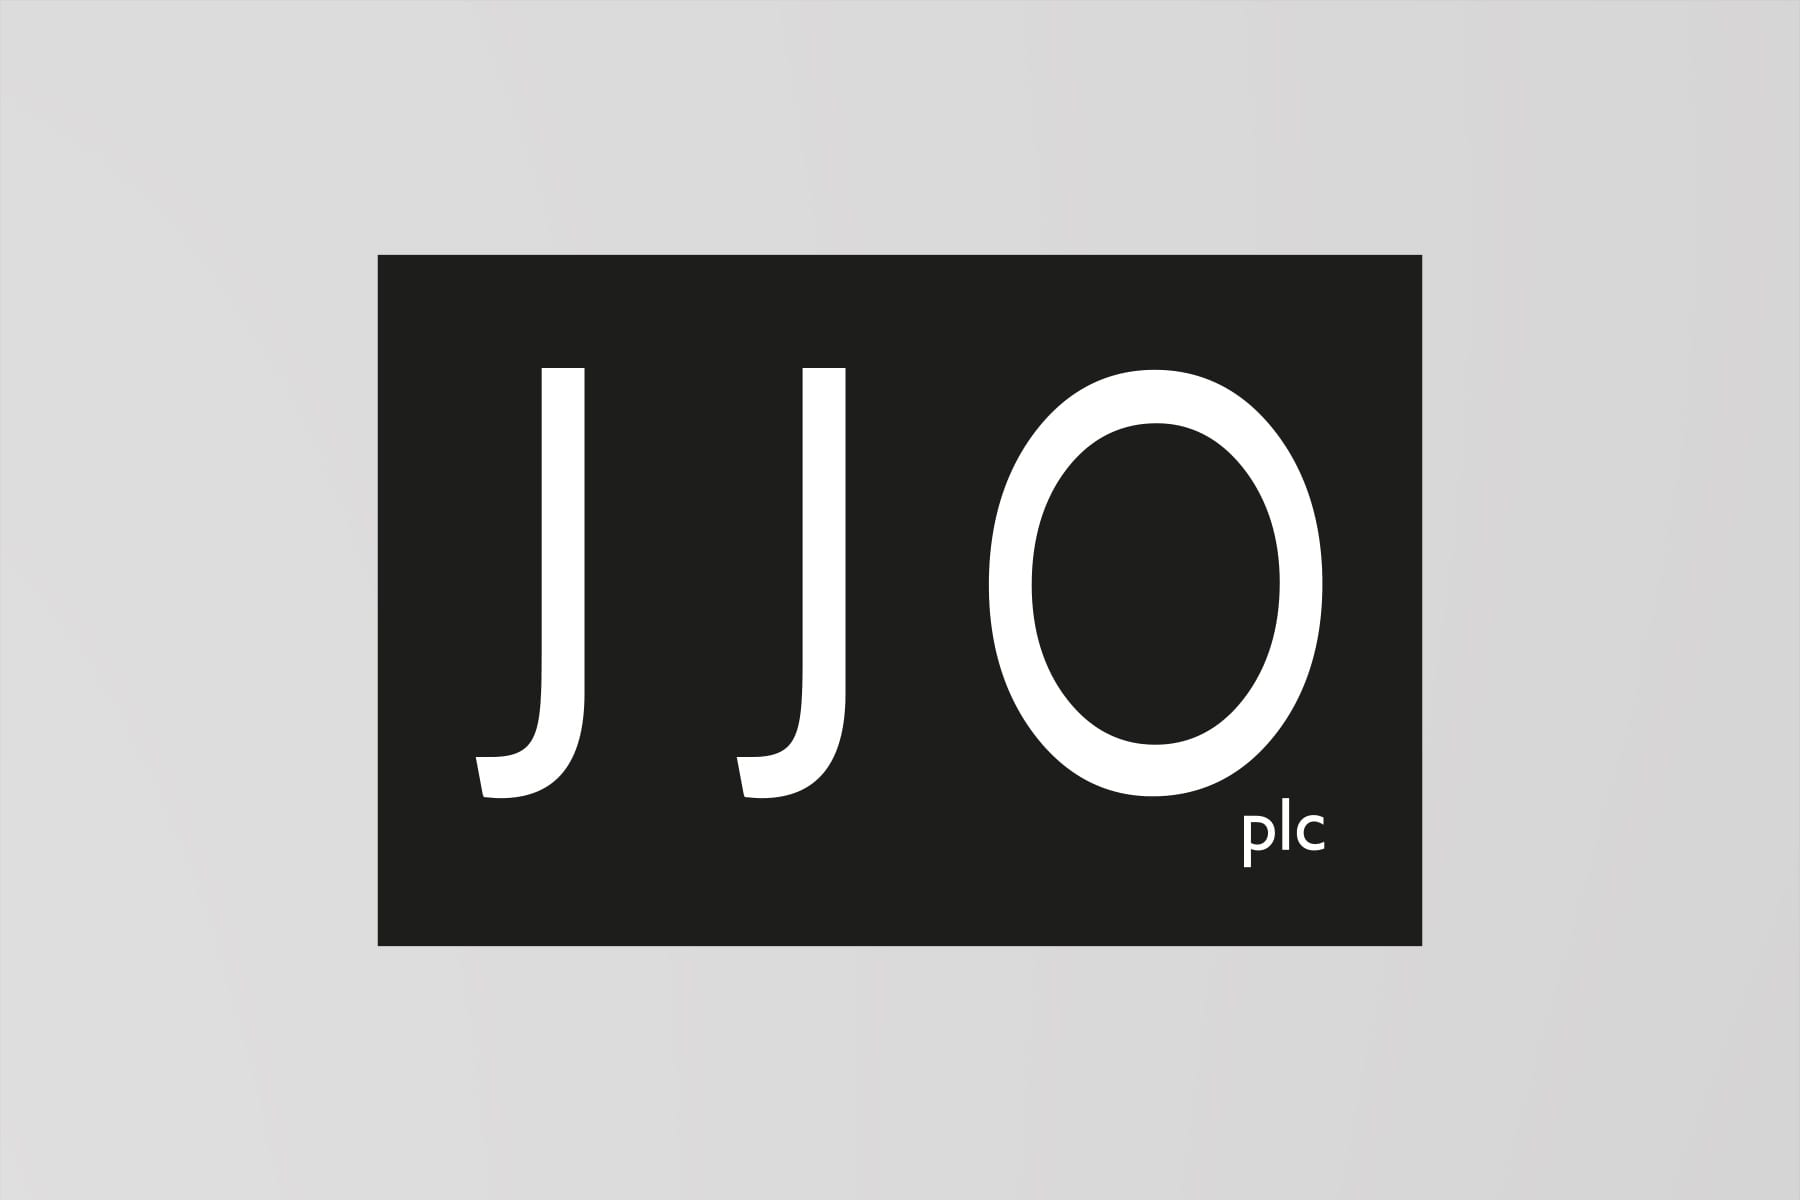 JJO plc logotype